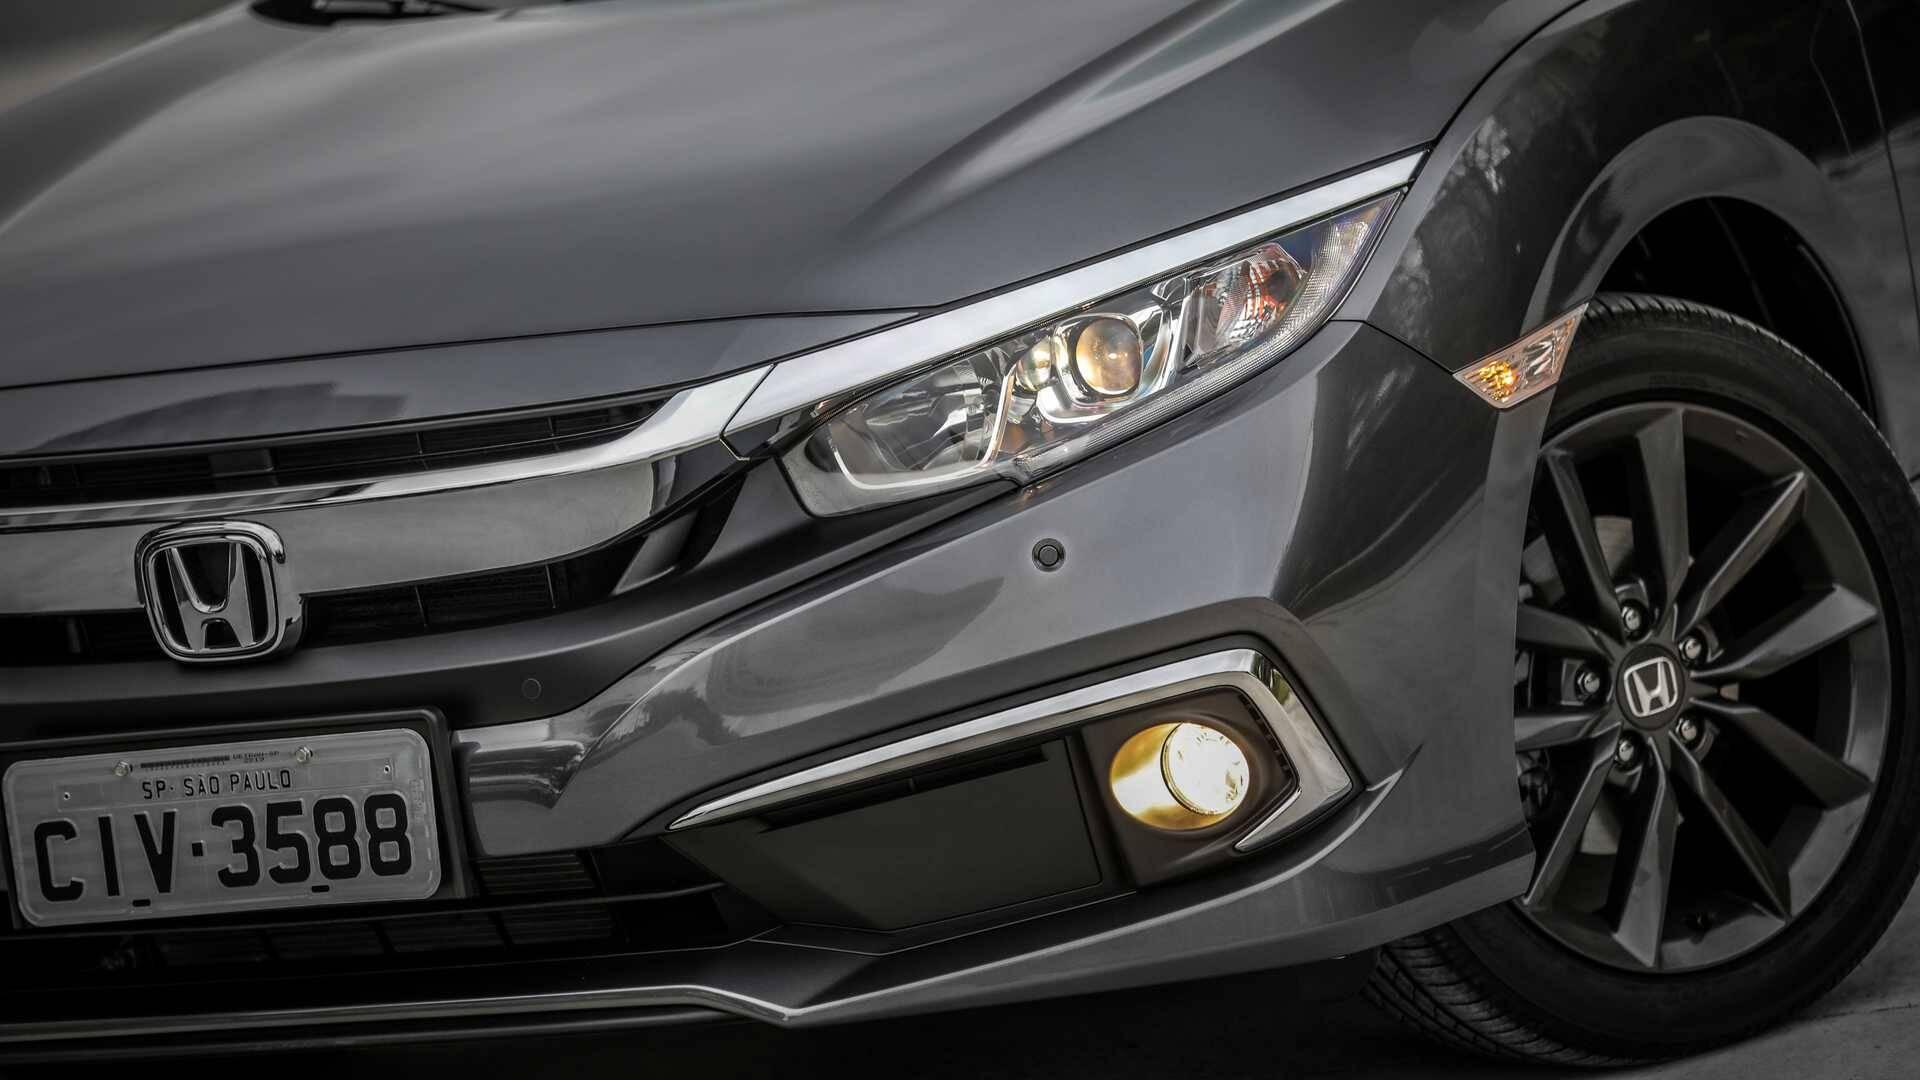 Honda Civic 2020. Foto: Divulgação